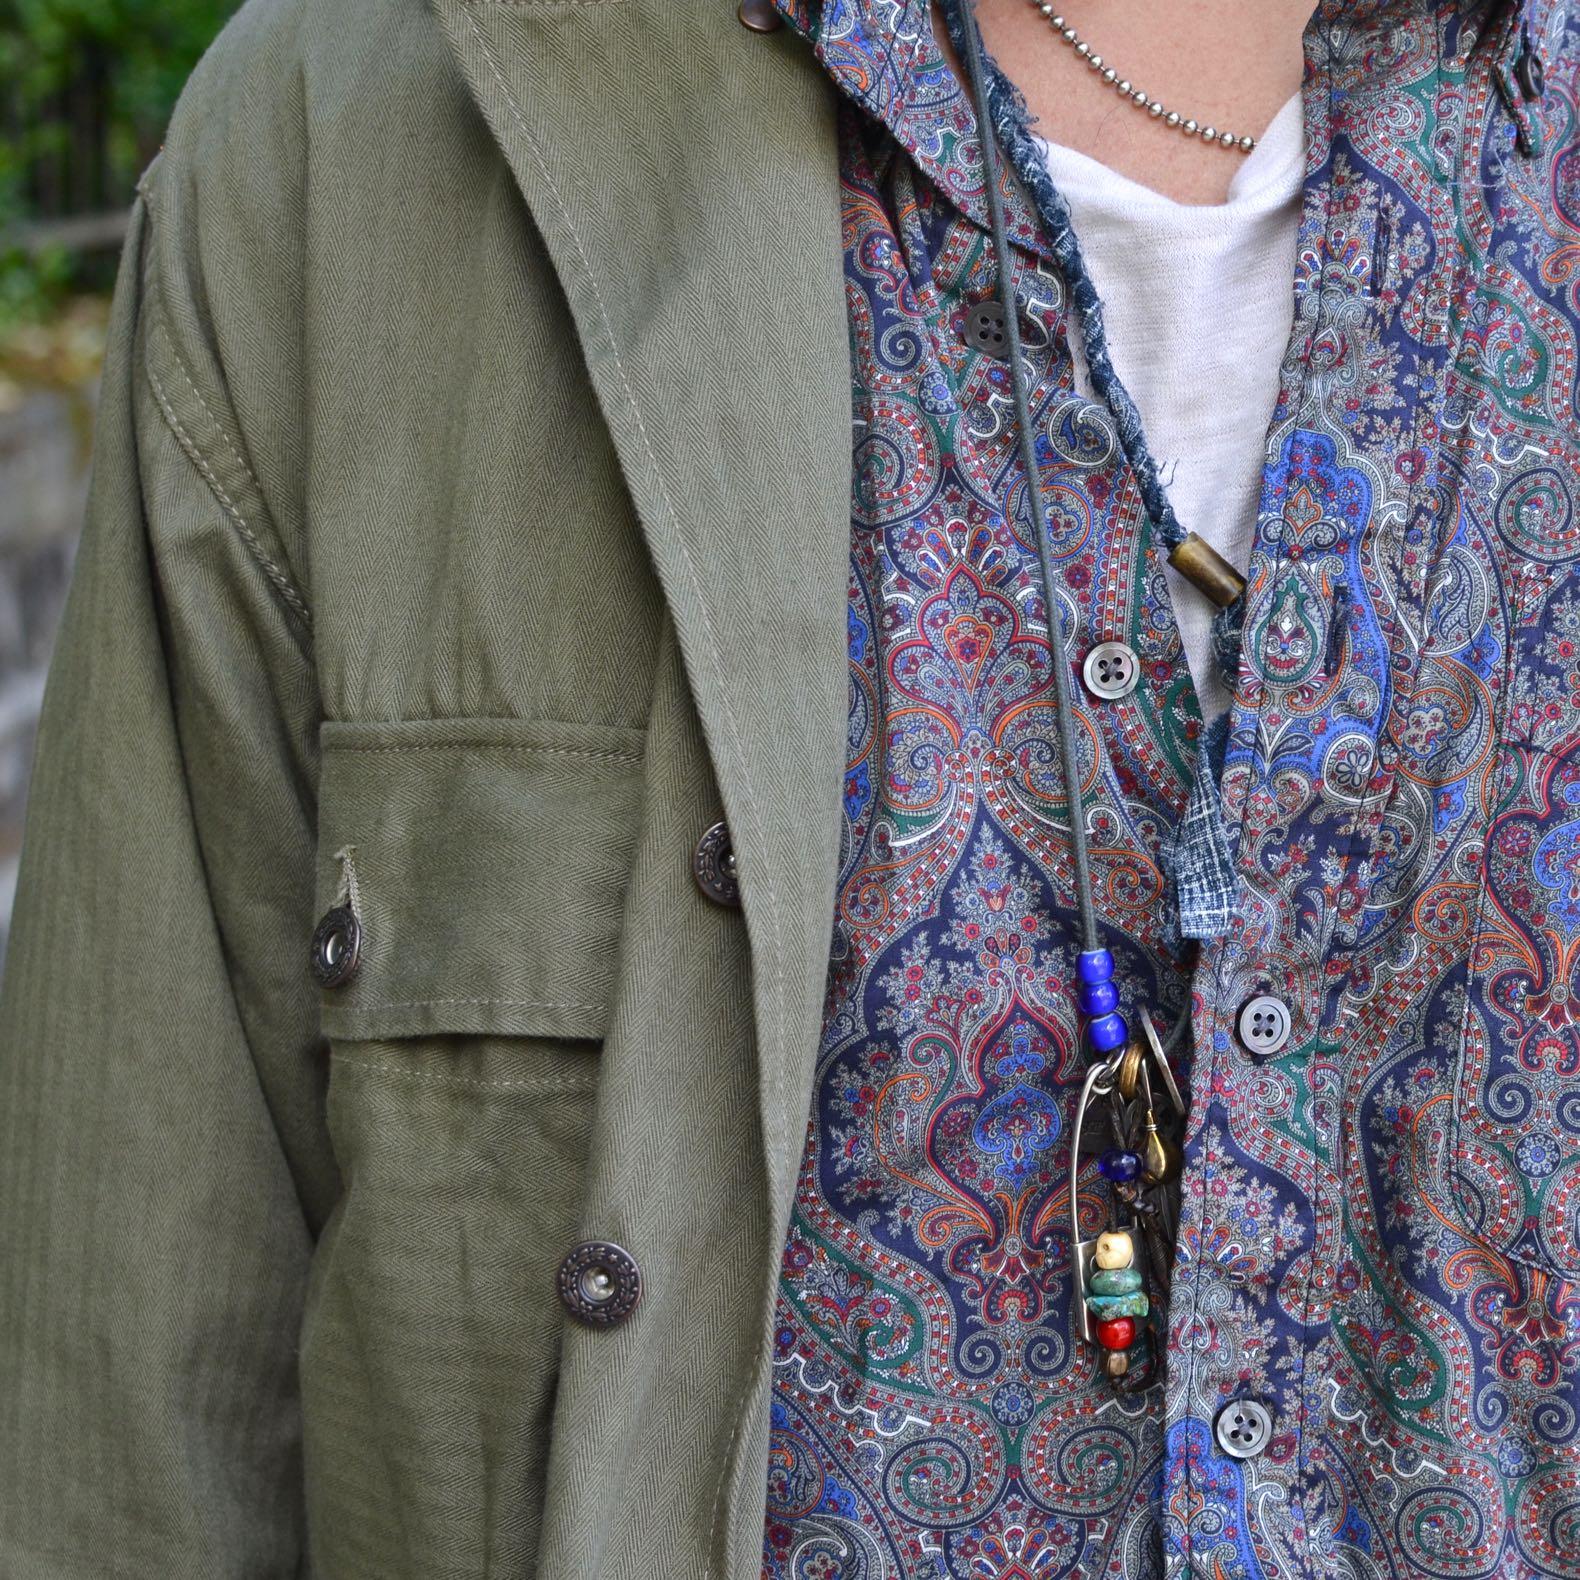 chemise militaire Arashi denim portée aevc une chemise à motif paisley Engineered garments avec un collier homme bijoux argent street heritage shop